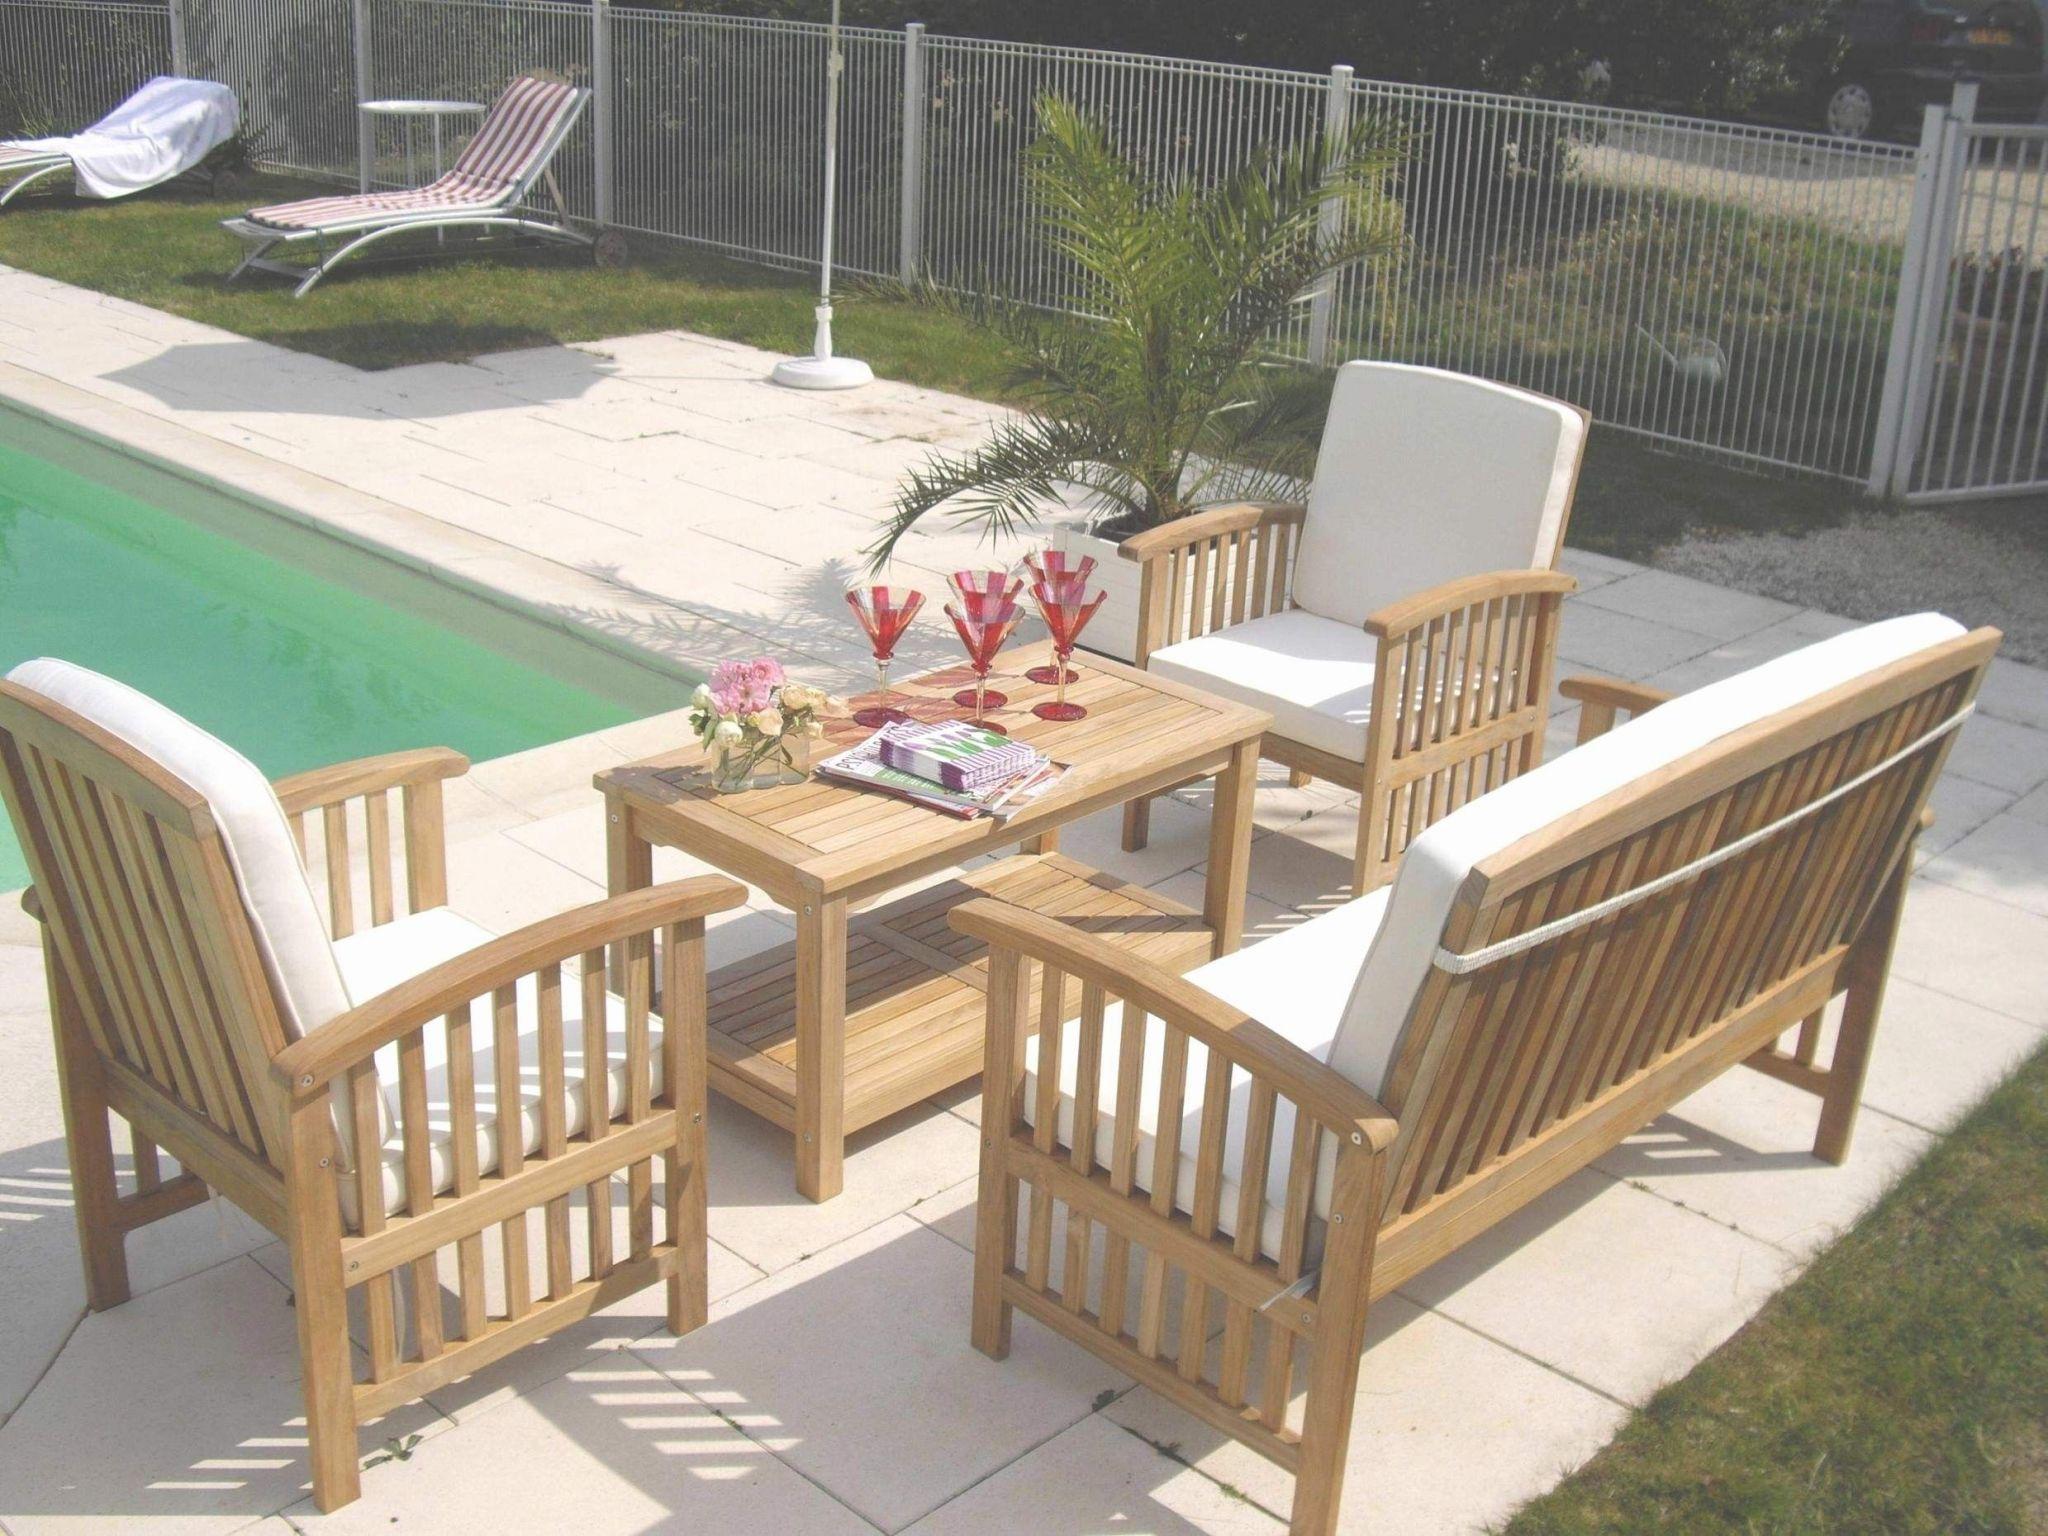 Epingle Par Betina Yasmina Sur Table De Jardin En 2020 Salon De Jardin Salon De Jardin Aluminium Table De Jardin Bois